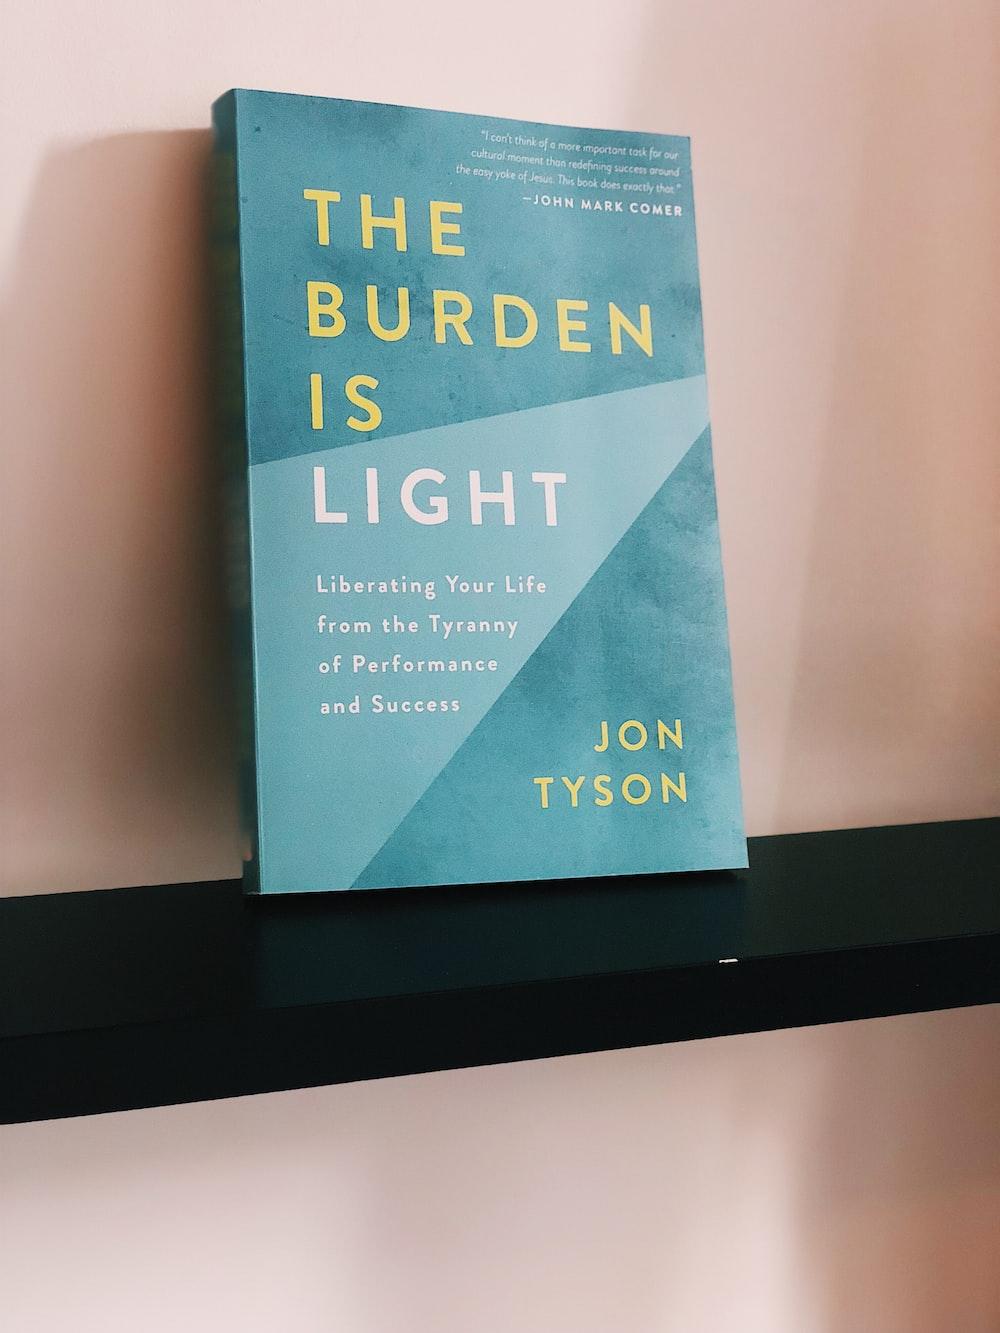 The Burden Is Light by Jon Tyson book on shelf